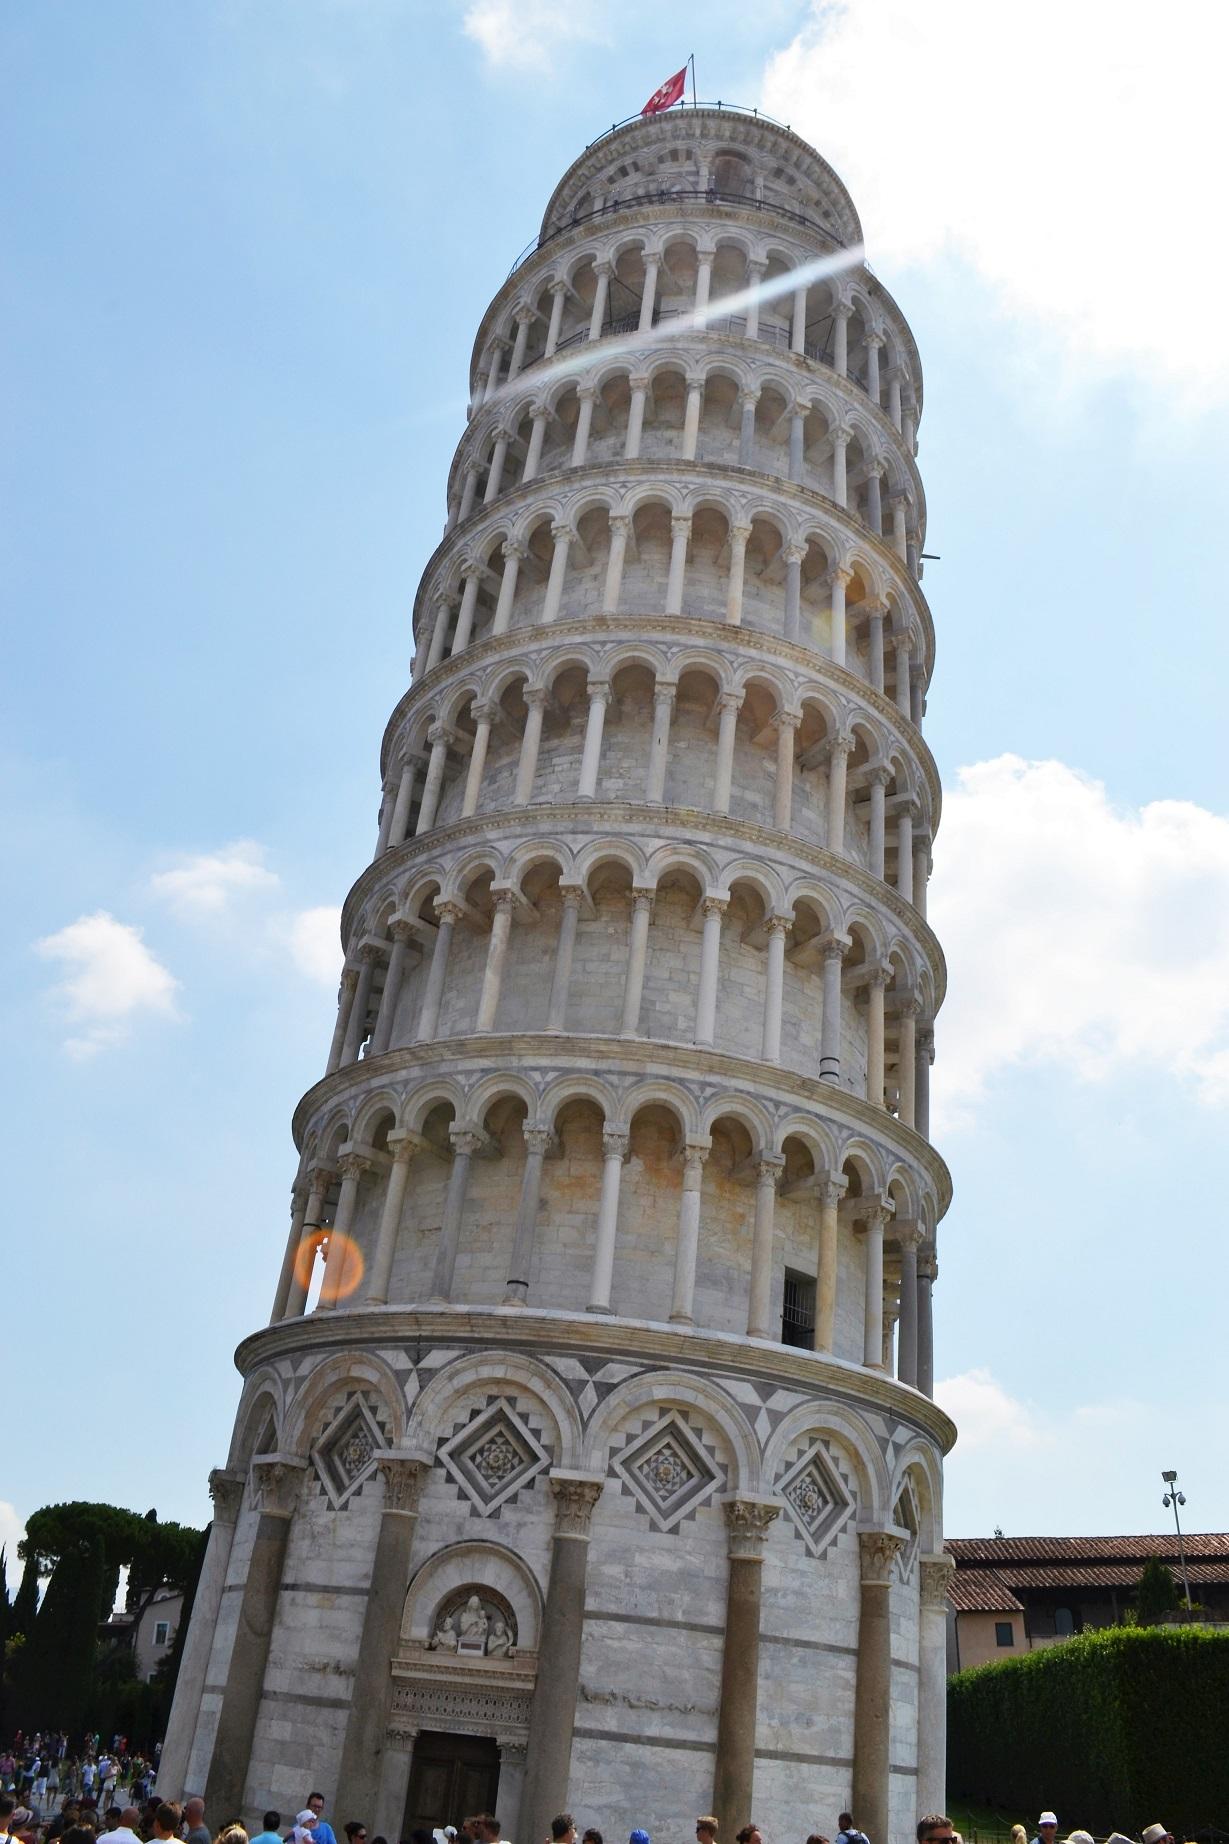 De toren van Pisa met de top 4m uit het lood.